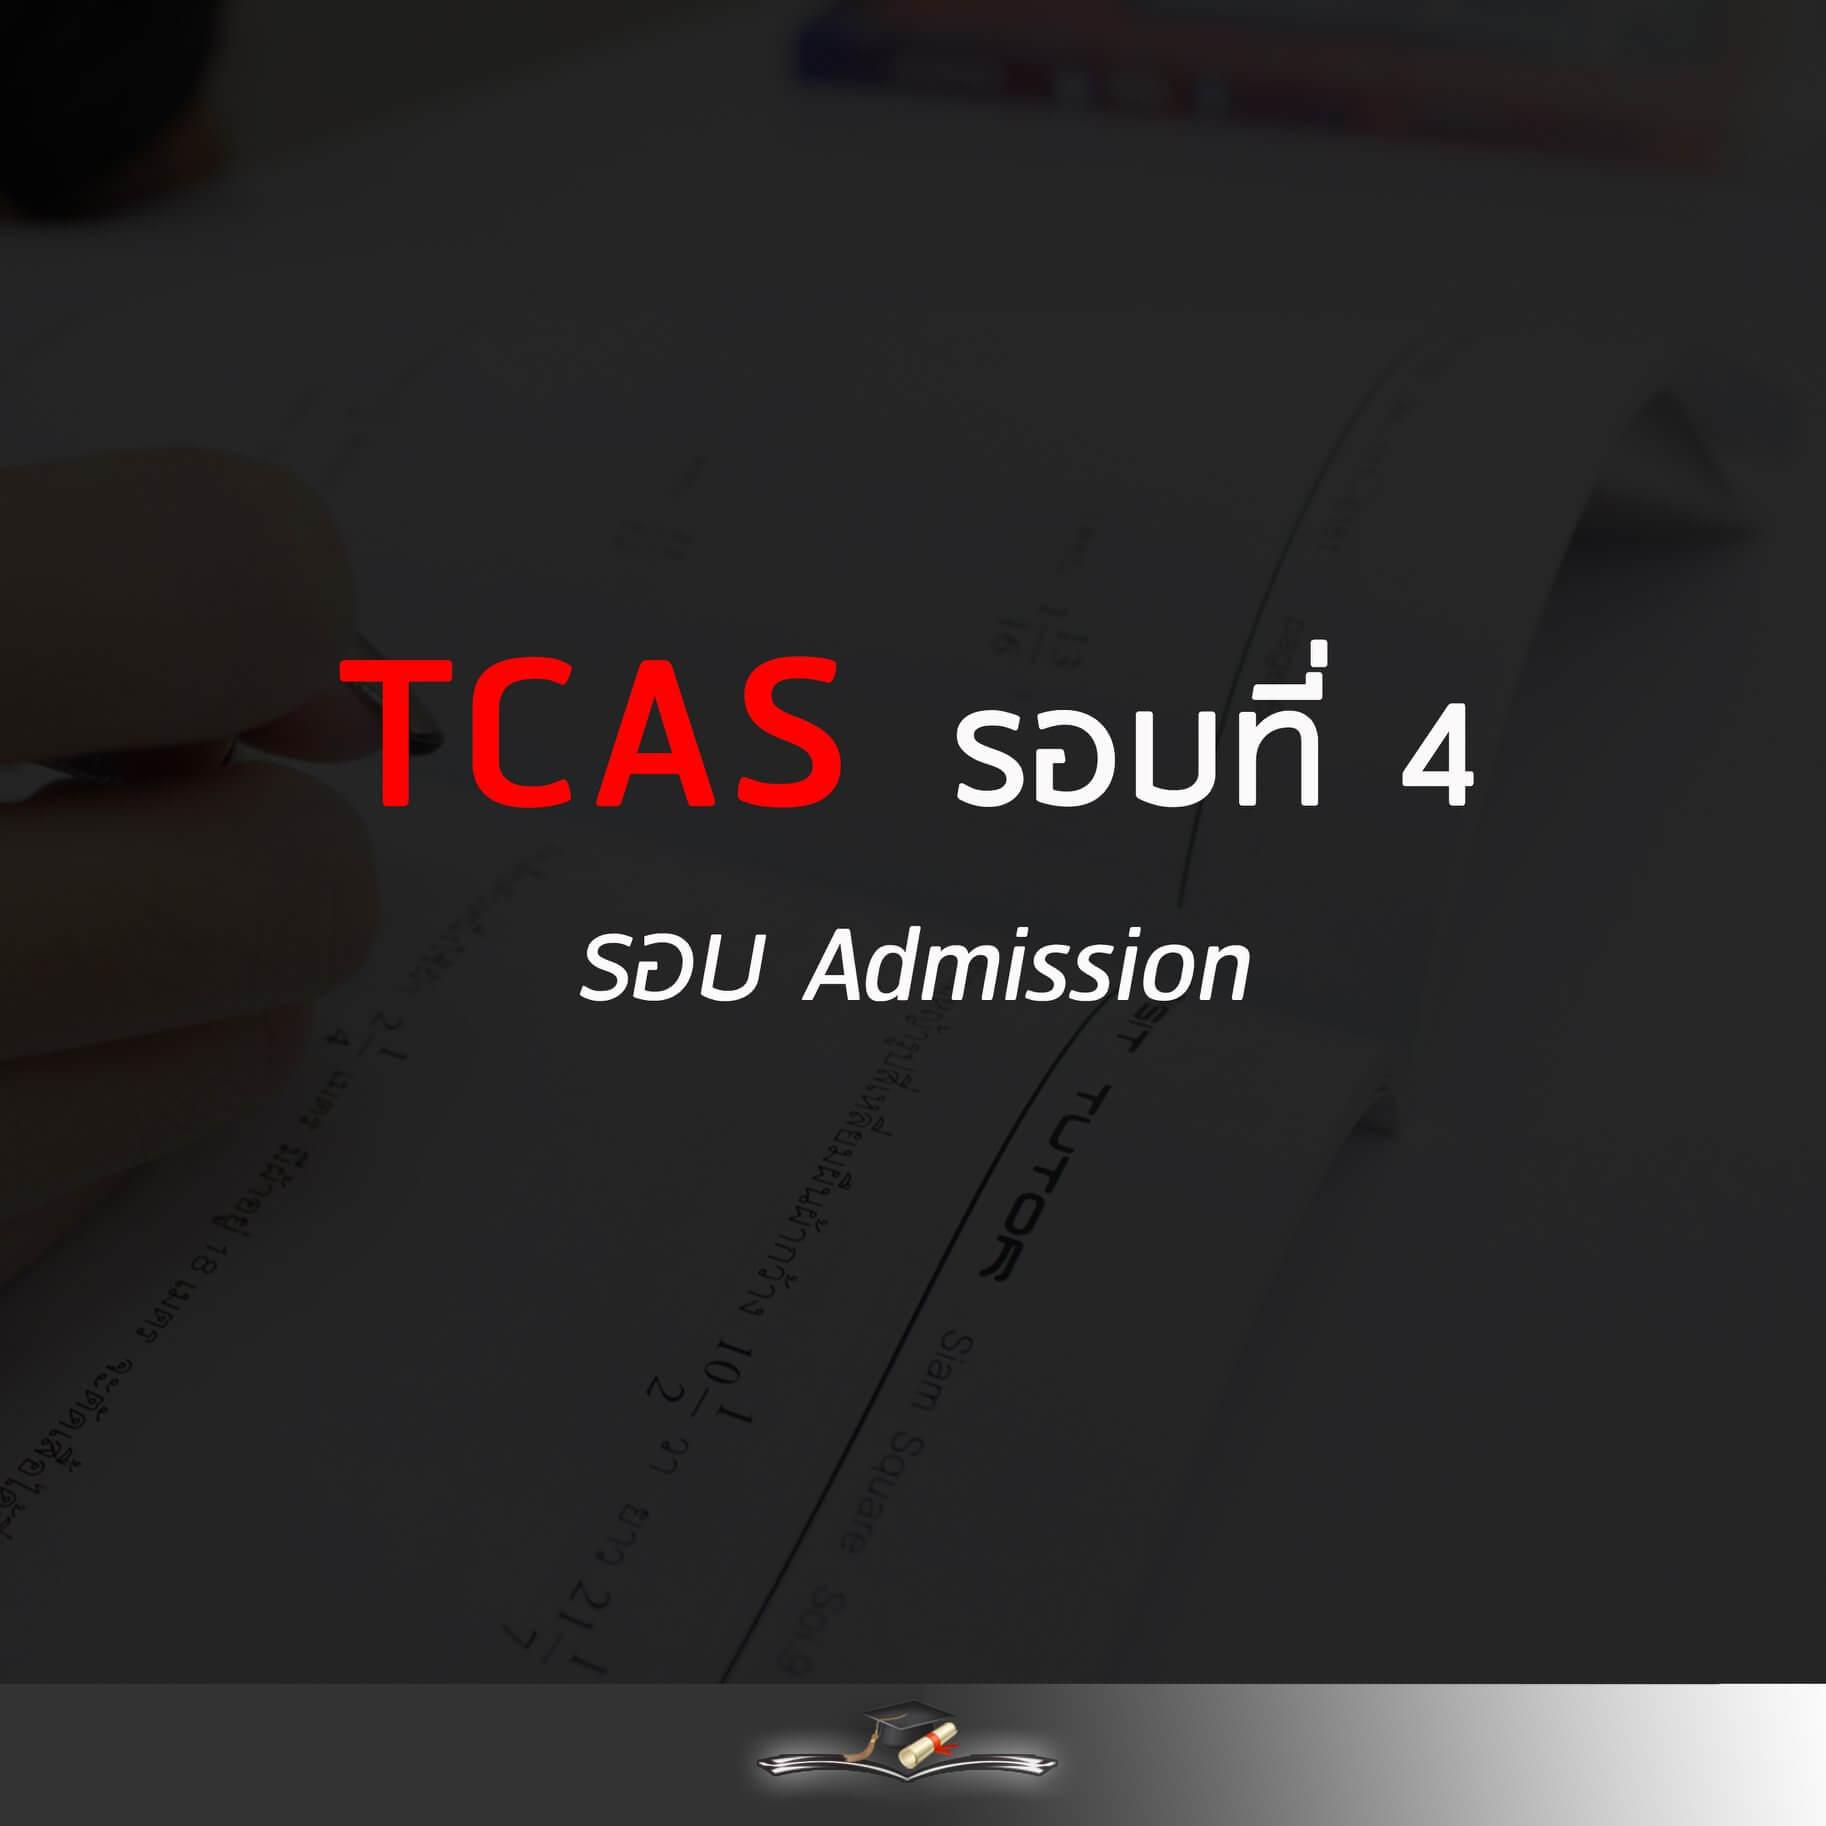 คะแนนสูงสุด-ต่ำสุด TCAS รอบ4 มาแล้วนะครับ